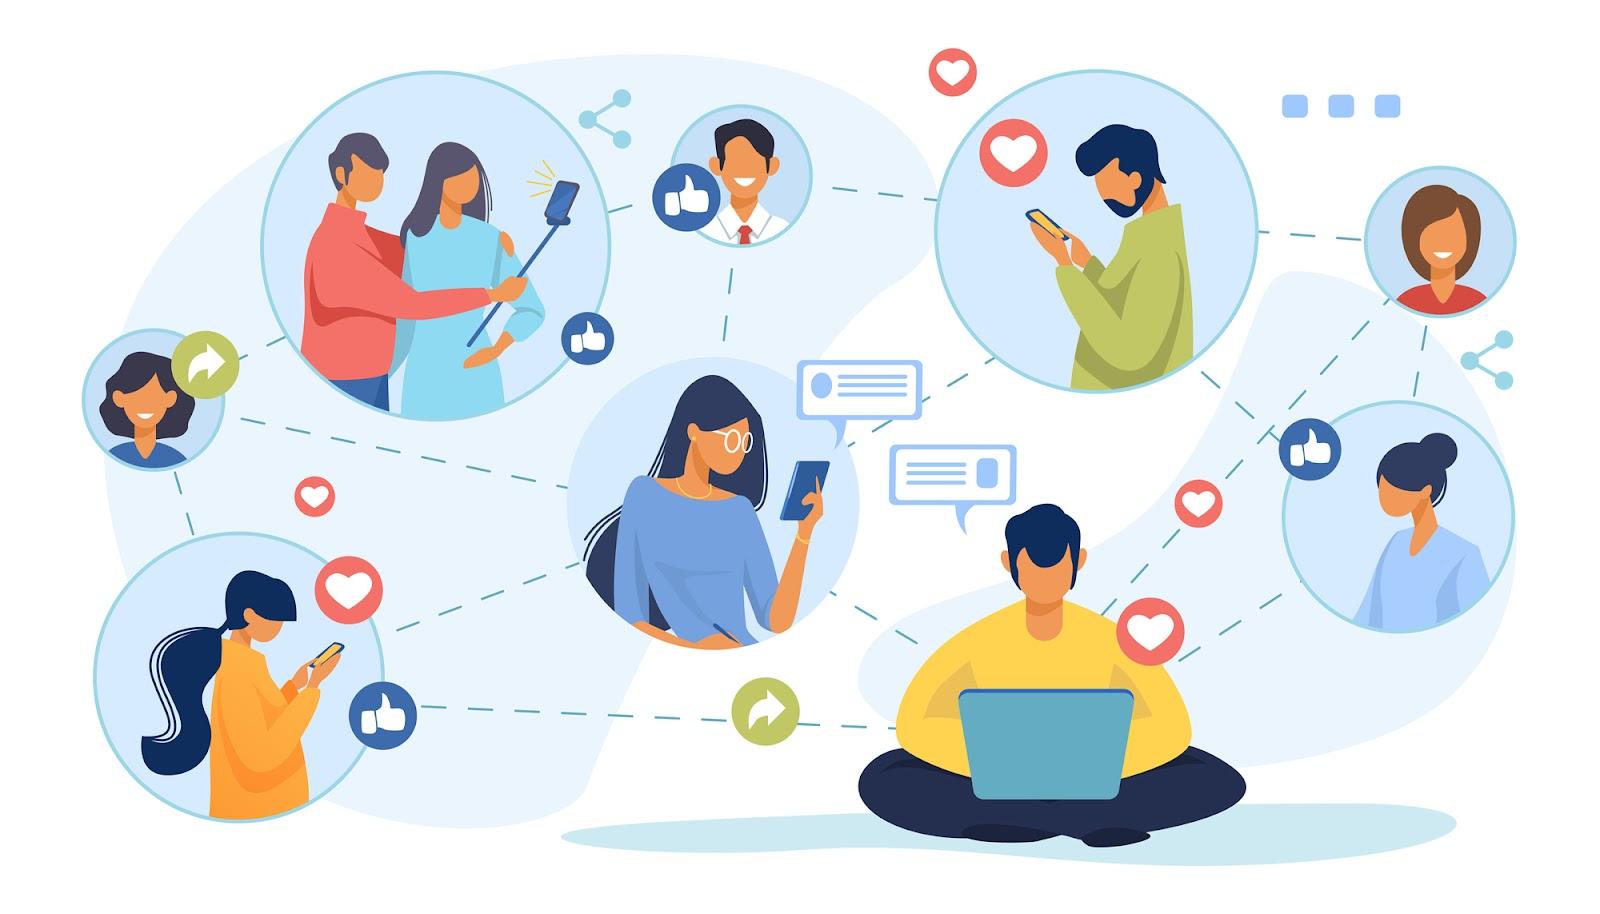 {:en}SMM в действии — от чего зависит успех в социальных медиа{:}{:ru}SMM в действии — от чего зависит успех в социальных медиа {:} AqyPsPXMOzTek43nStj5ViR4wm6OeAQceQJXEiJyuUP862iwhivn2R dNfjhhOTfYC0